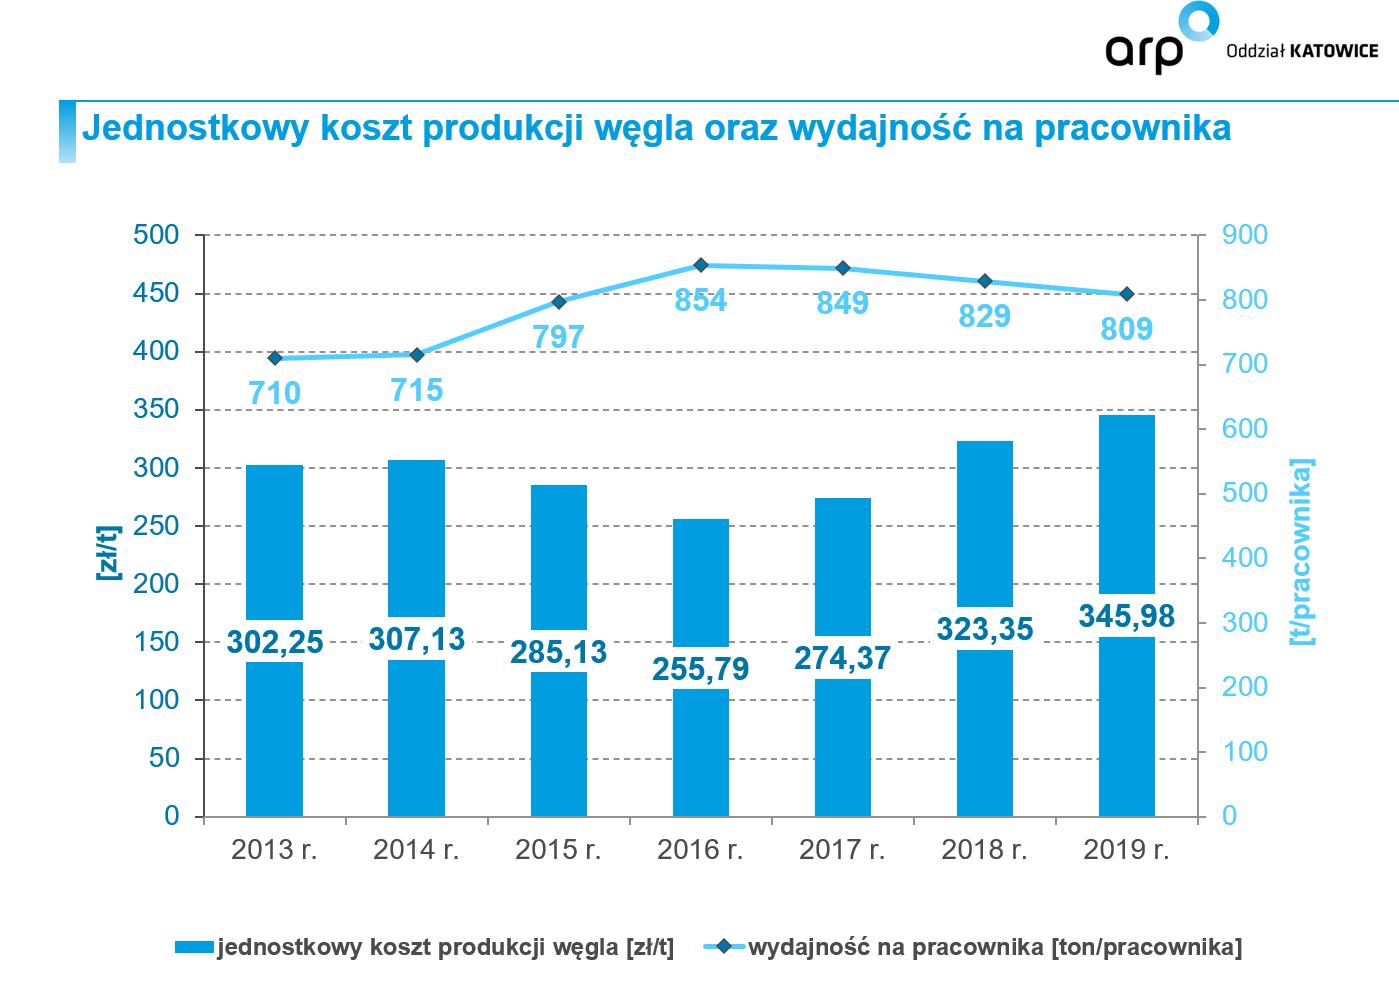 Jednostkowy koszt wydobycia węgla i wydajność na pracownika. Fot. ARP